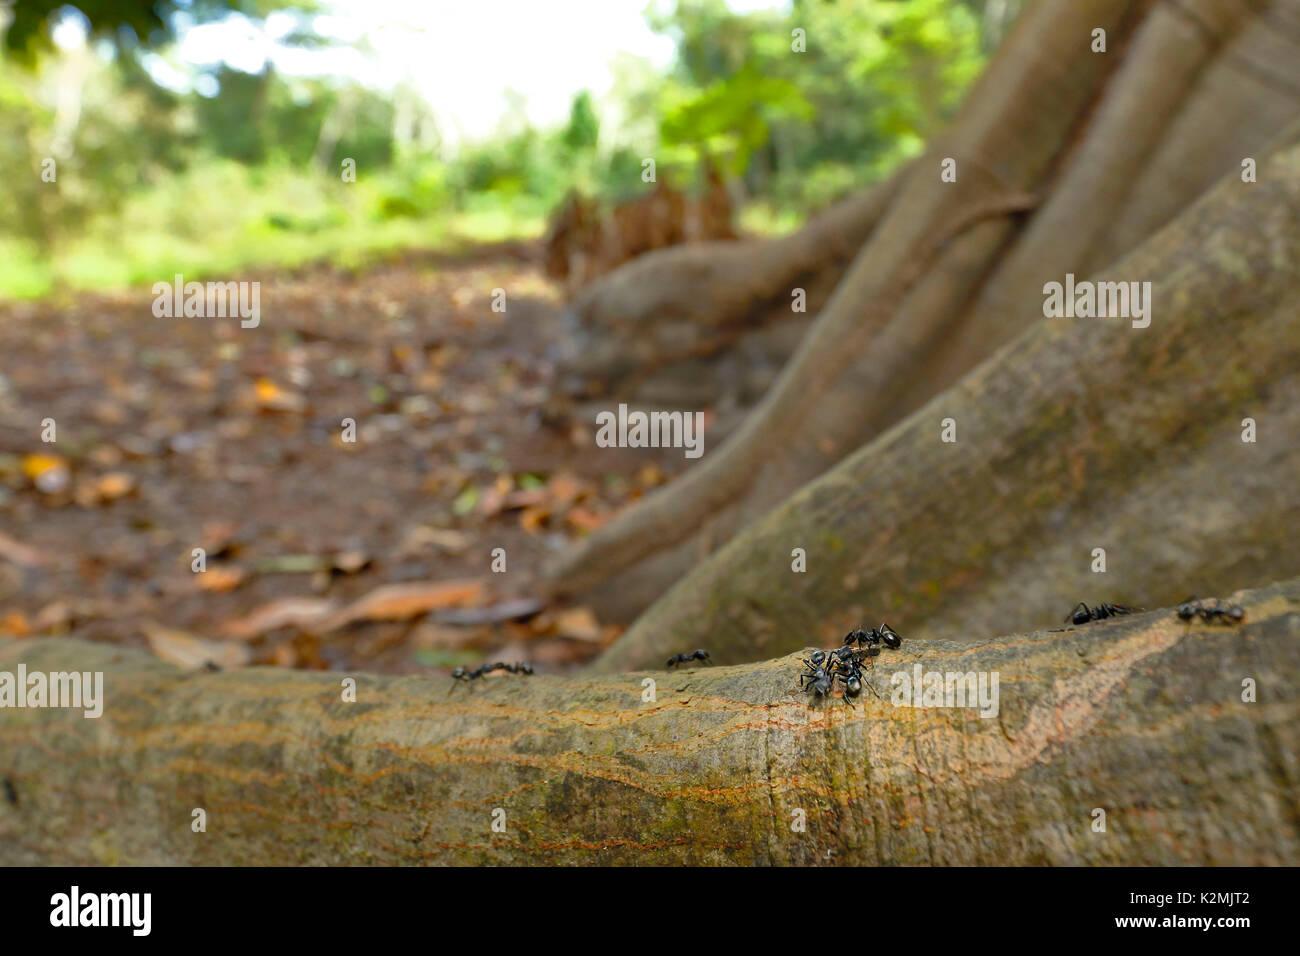 Bullet hormiga (Paraponera clavata), caminando sobre las raíces del árbol Foto de stock